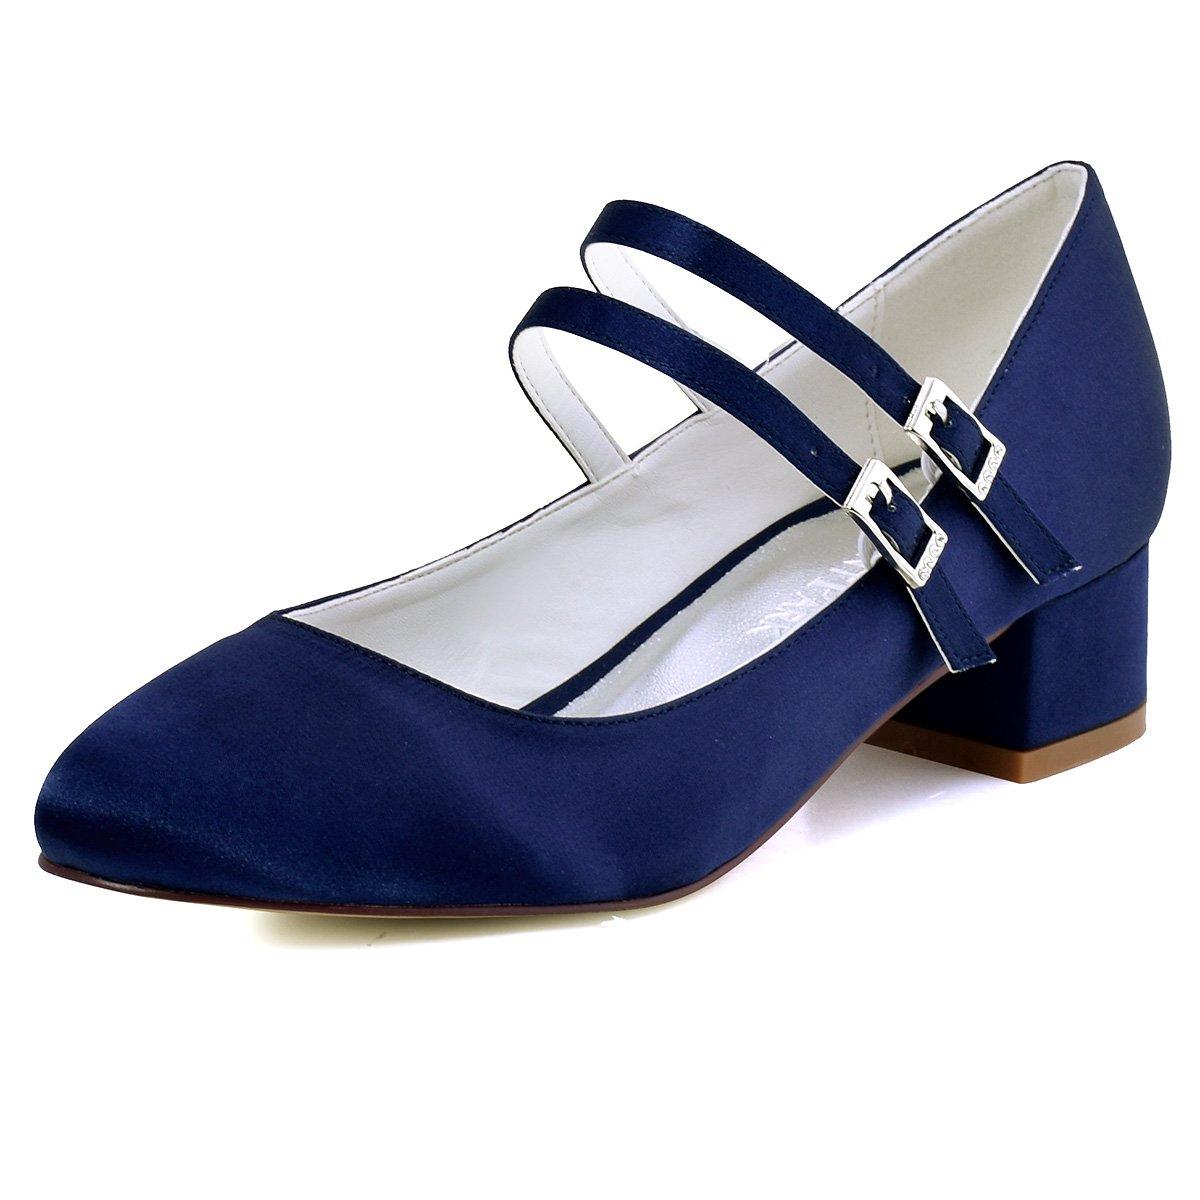 ElegantPark Femmes Fermé Toe Bloc ElegantPark Talon Mary B01AUQVW7I Jane Pompes Marine Satin Chaussures de Mariage Soirée Bleu Marine 23bff75 - piero.space